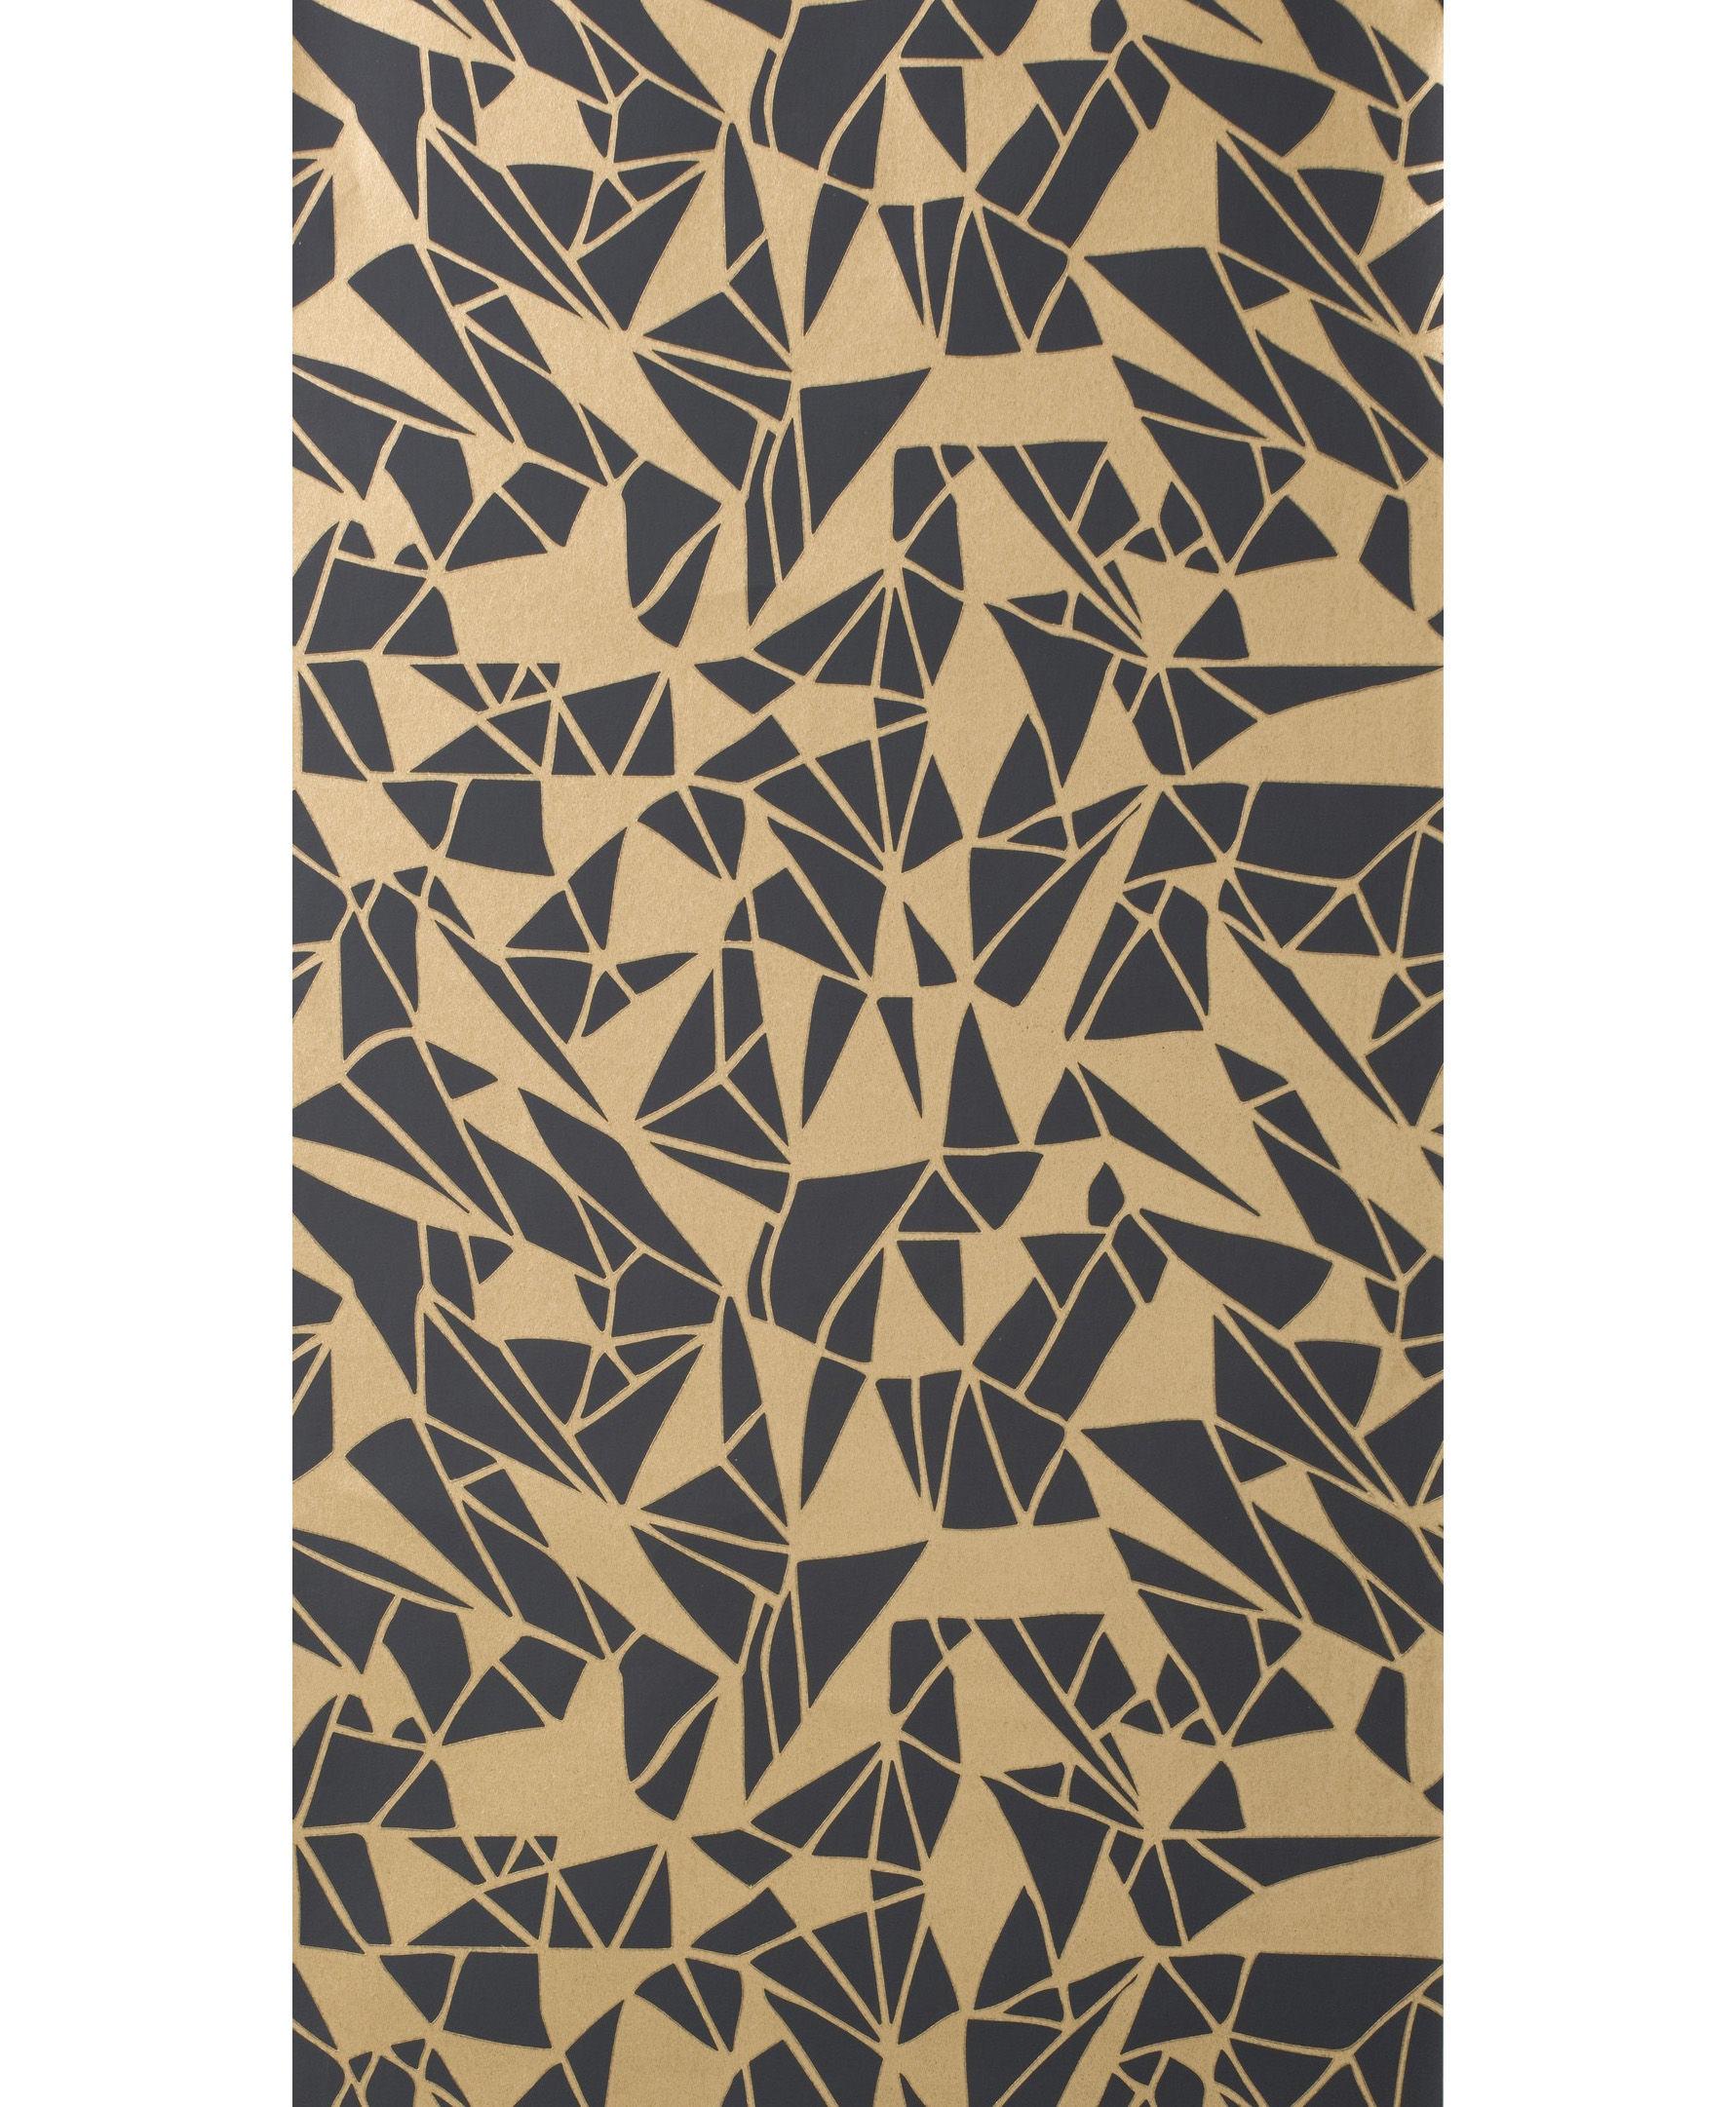 papier peint monroe 1 rouleau larg 53 cm noir or. Black Bedroom Furniture Sets. Home Design Ideas